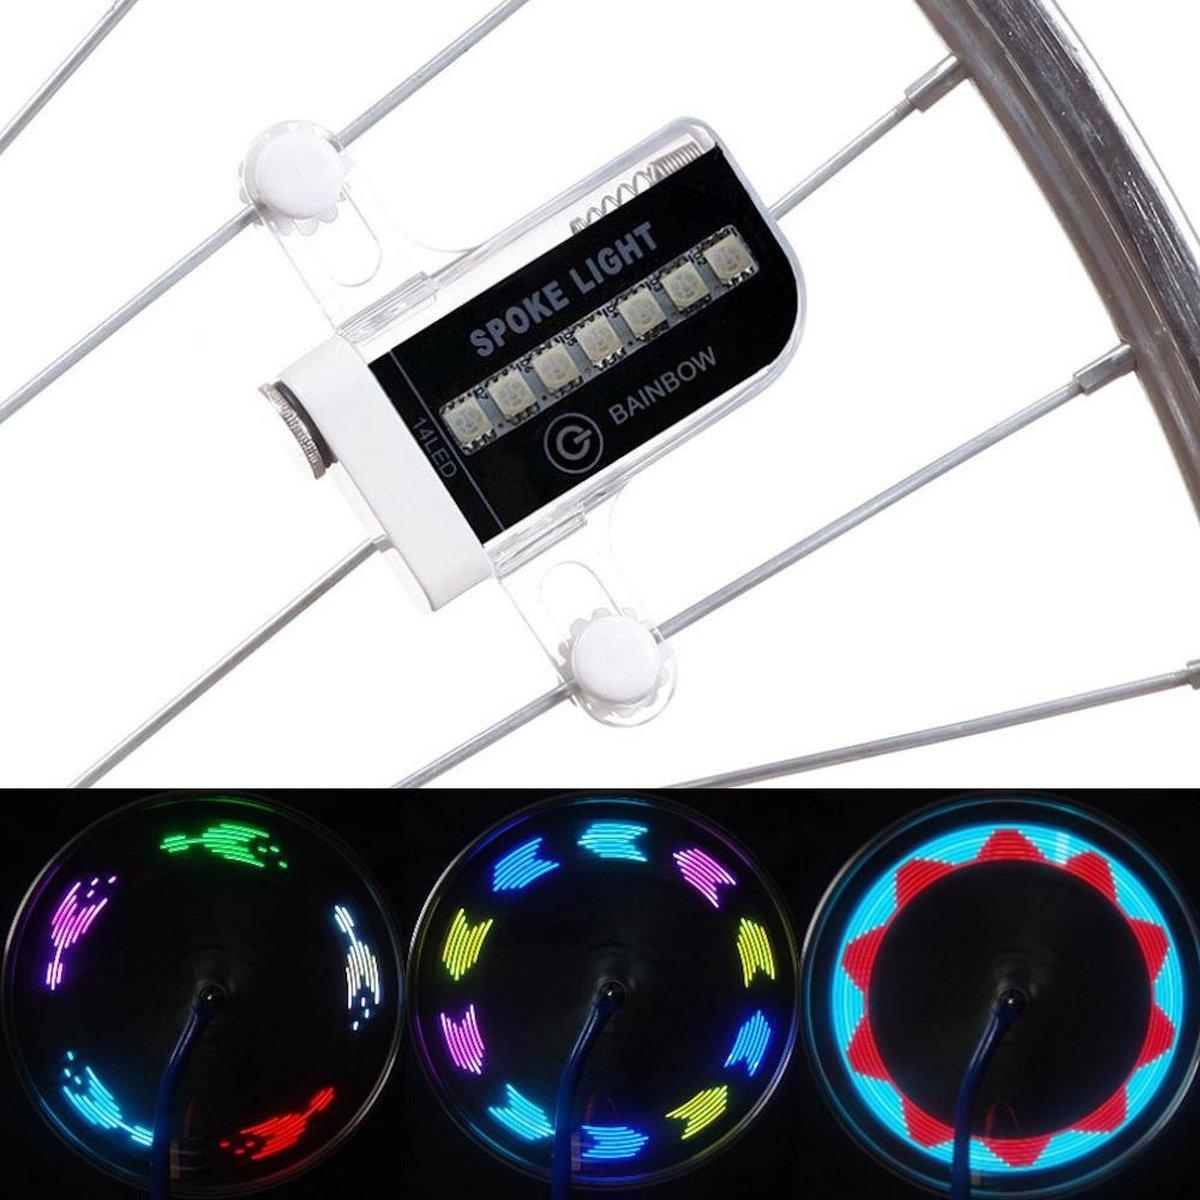 Trendfield Spaakverlichting Fiets - LED Fietswiel Verlichting voor Spaken 30 Patronen - Automatisch Aan/Uit